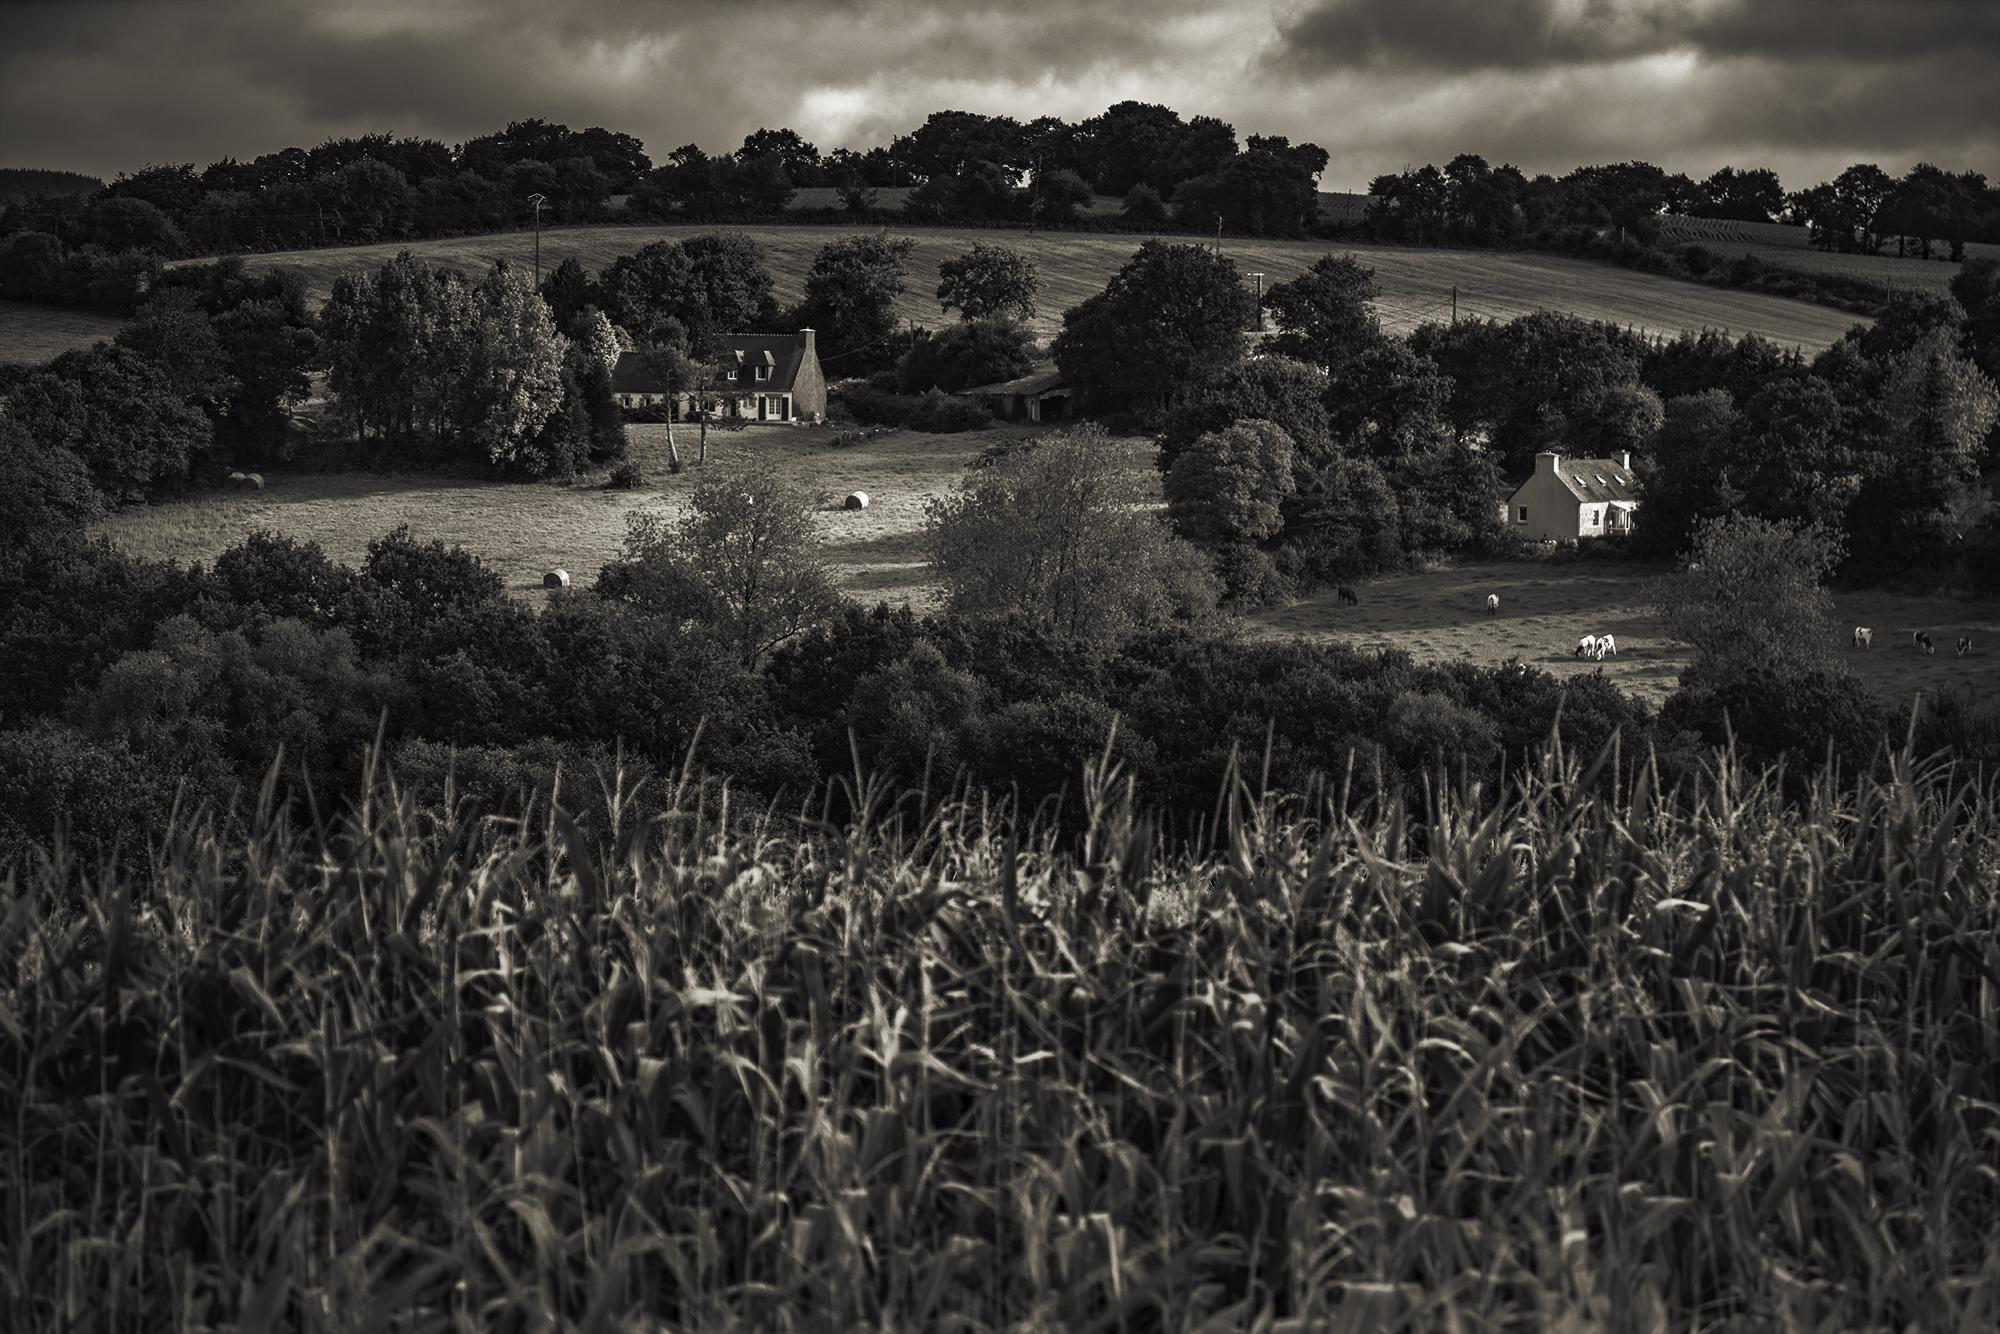 Brittany_Farm_House-002BW.jpg